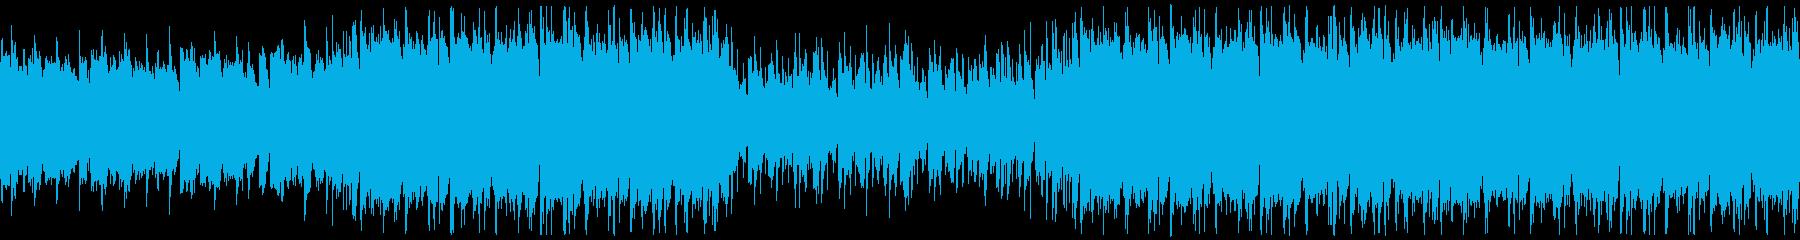 穏やかな夏の海・ポップ・ループの再生済みの波形